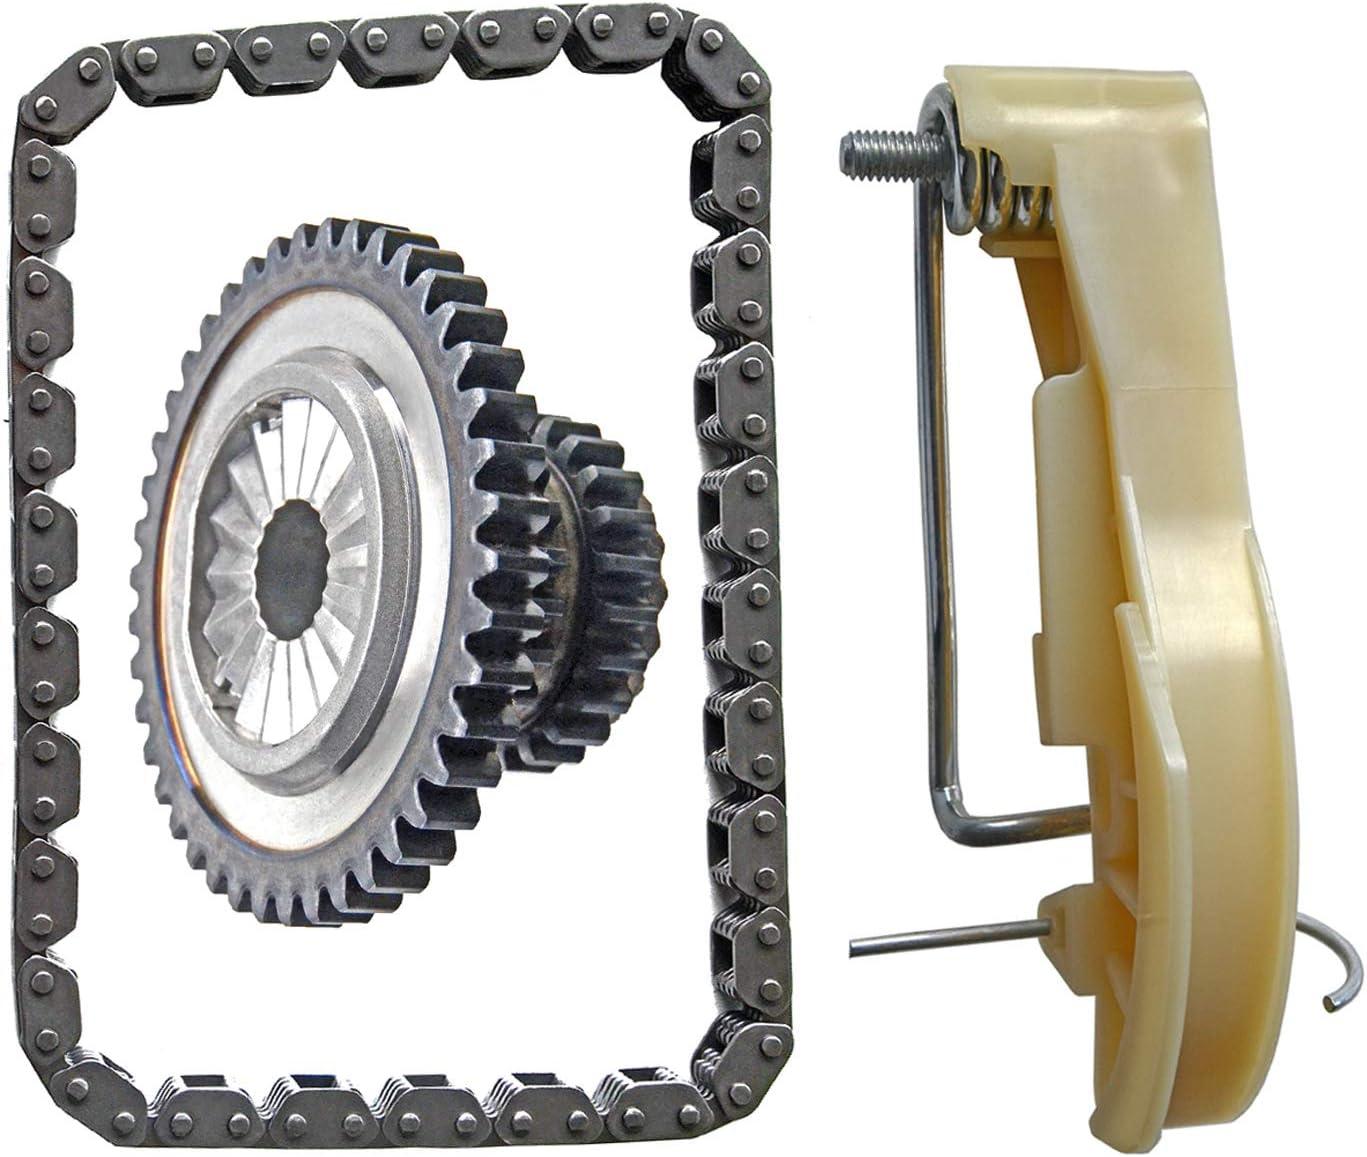 Timing Chain Gear Kit For Audi A3 A4 A5 A6 Q5 Quattro VW Tiguan Jetta CC EOS GTI Beetle 2.0T GAS DOHC Part#06H109507N